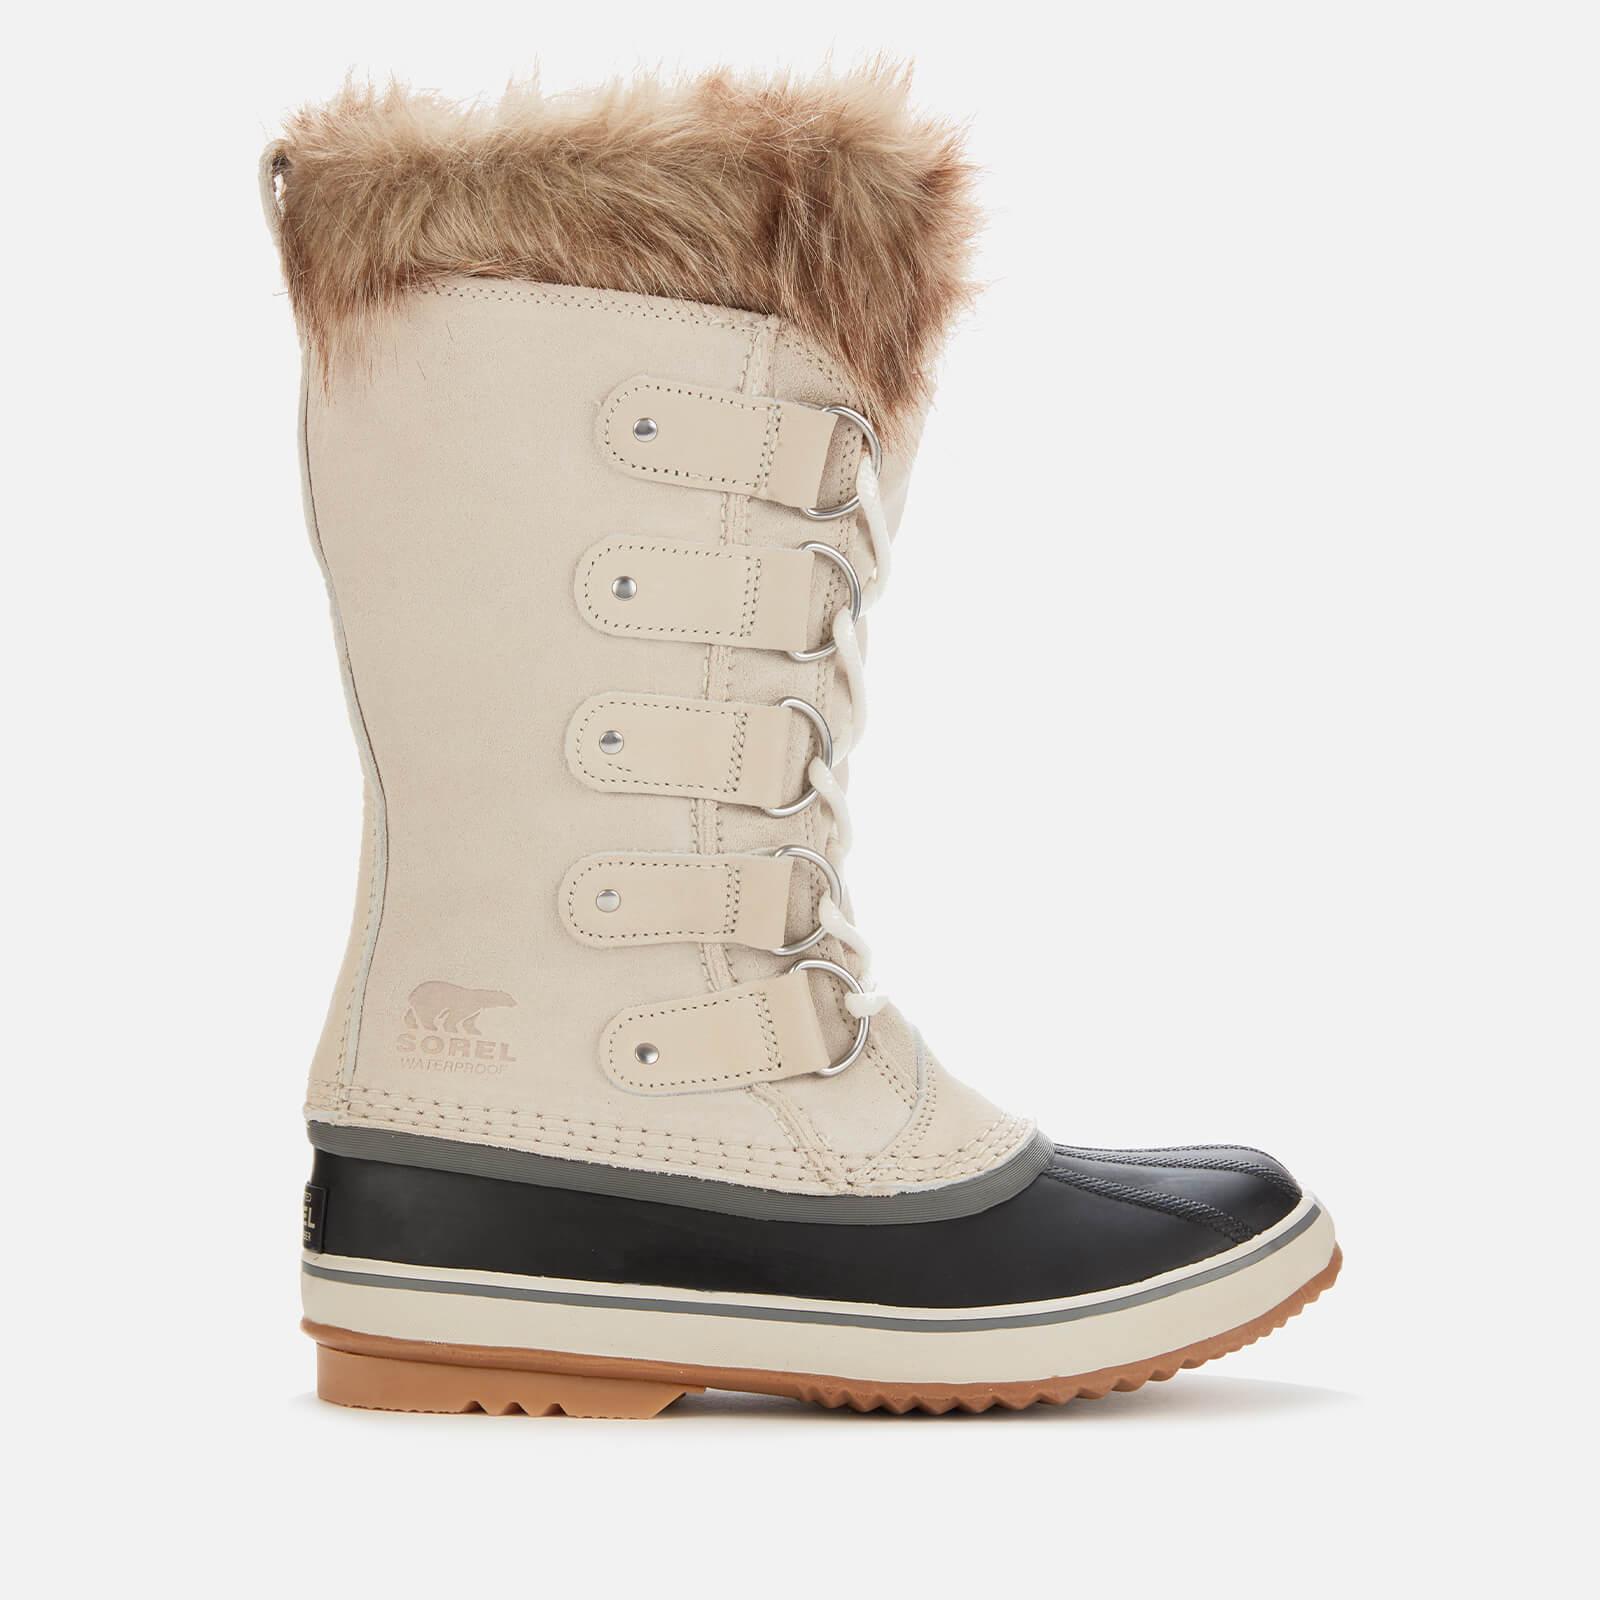 Sorel Women's Joan Of Arctic Waterproof Suede Knee High Winter Boots - Dark Stone/Sea Salt - UK 3